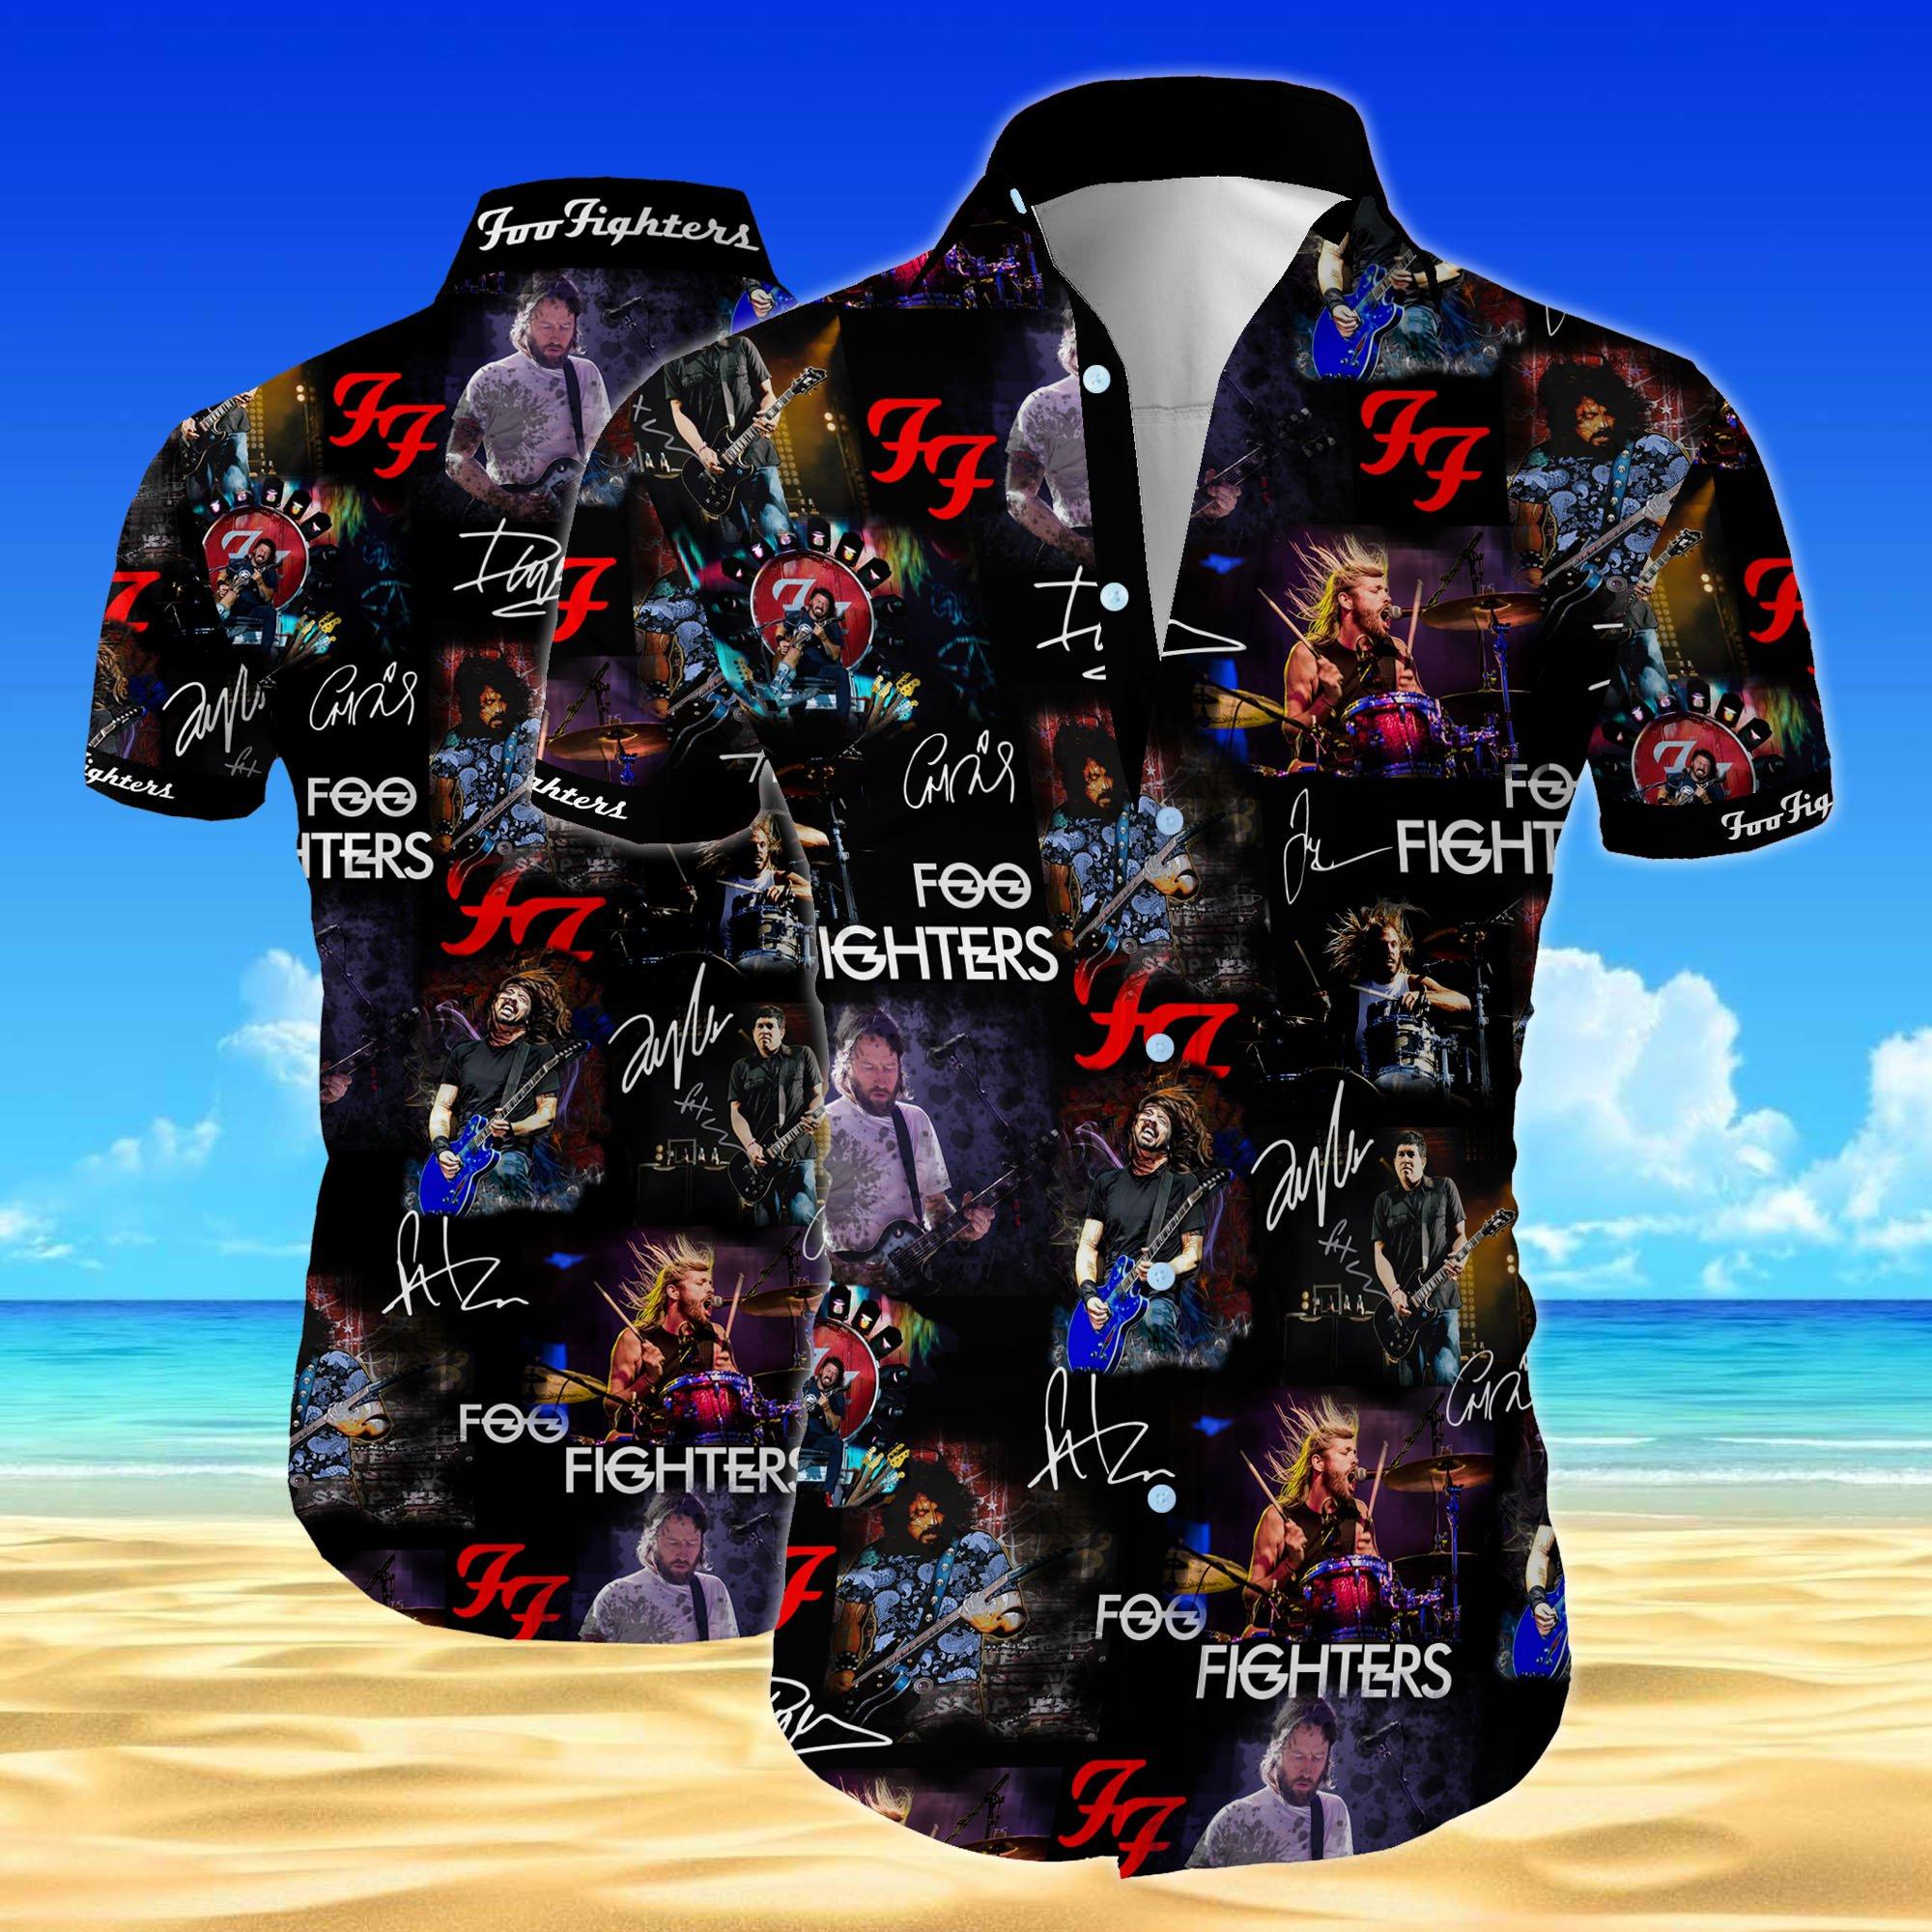 Foo fighters all over printed hawaiian shirt 1